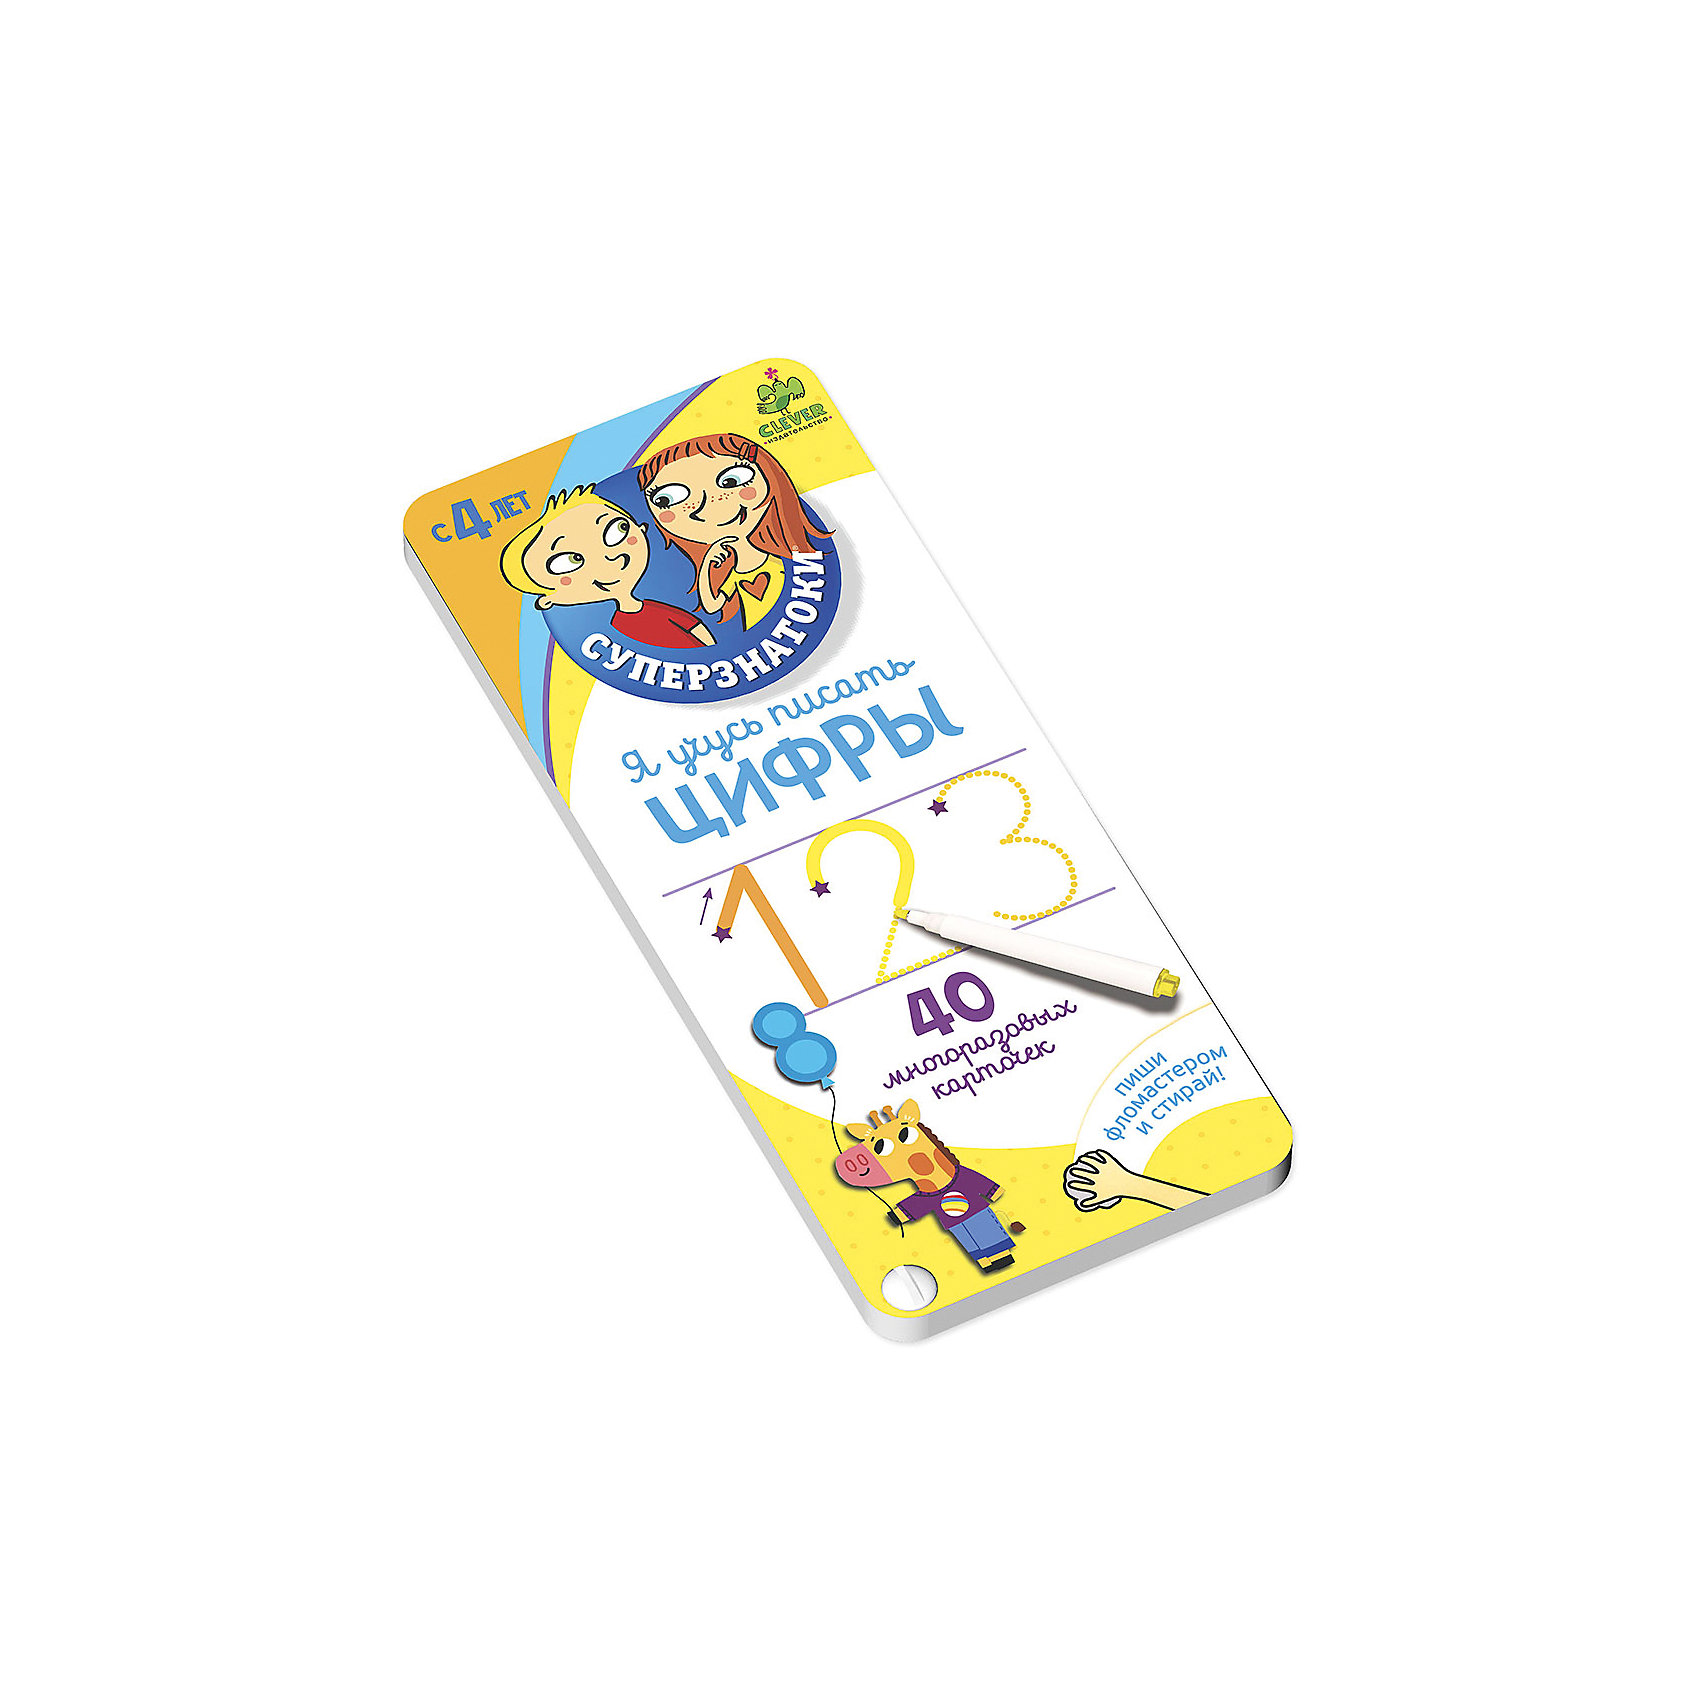 Книжка-блокнот Я учусь писать цифрыОбучение счету<br>Книжка-блокнот Я учусь писать цифры в увлекательной игровой форме поможет ребенку научиться писать цифры. Книга ориентирована на обучение дошкольников письму. 40 ярких и красочных многоразовых карточек-прописей, на которых можно писать фломастером, а затем стирать, помогут ребенку легко и быстро изучить написание цифр. Помимо обучения письму, детям предложены 30 маленьких игр на счет (например, посчитать сколько ног у животных и подписать цифру) и 2 карточки с рельефными цифрами, которые можно исследовать осязательно. Звёздочки в точках начала письма и направляющие стрелки помогут малышу писать правильно. Предложенные в блокноте игры обращены к разным органам чувств ребёнка: в них нужно изобразить цифру при помощи своего тела, понять, чем она отличается от других чисел, написать ее на ладошке или спине другого человека и другие задания. Карточки имеют удобный большой формат и выполнены из плотного ламинированного картона высокого качества.<br><br> Дополнительная информация:<br><br>- Авторы: Тома Бурже, Жан-Луи Бруст, Марин Курвуазье.<br>- Художник: Марион Бийе.<br>- Серия: Суперзнатоки. Я учусь писать.  <br>- Переплет: мягкая обложка.<br>- Иллюстрации: цветные.<br>- Объем: 40 стр. <br>- Размер: 24 x 10 x 1 см.<br>- Вес: 130 гр. <br><br>Книжку-блокнот Я учусь писать цифры, Клевер Медиа Групп, можно купить в нашем интернет-магазине.<br><br>Ширина мм: 100<br>Глубина мм: 241<br>Высота мм: 4<br>Вес г: 190<br>Возраст от месяцев: 48<br>Возраст до месяцев: 72<br>Пол: Унисекс<br>Возраст: Детский<br>SKU: 4544958